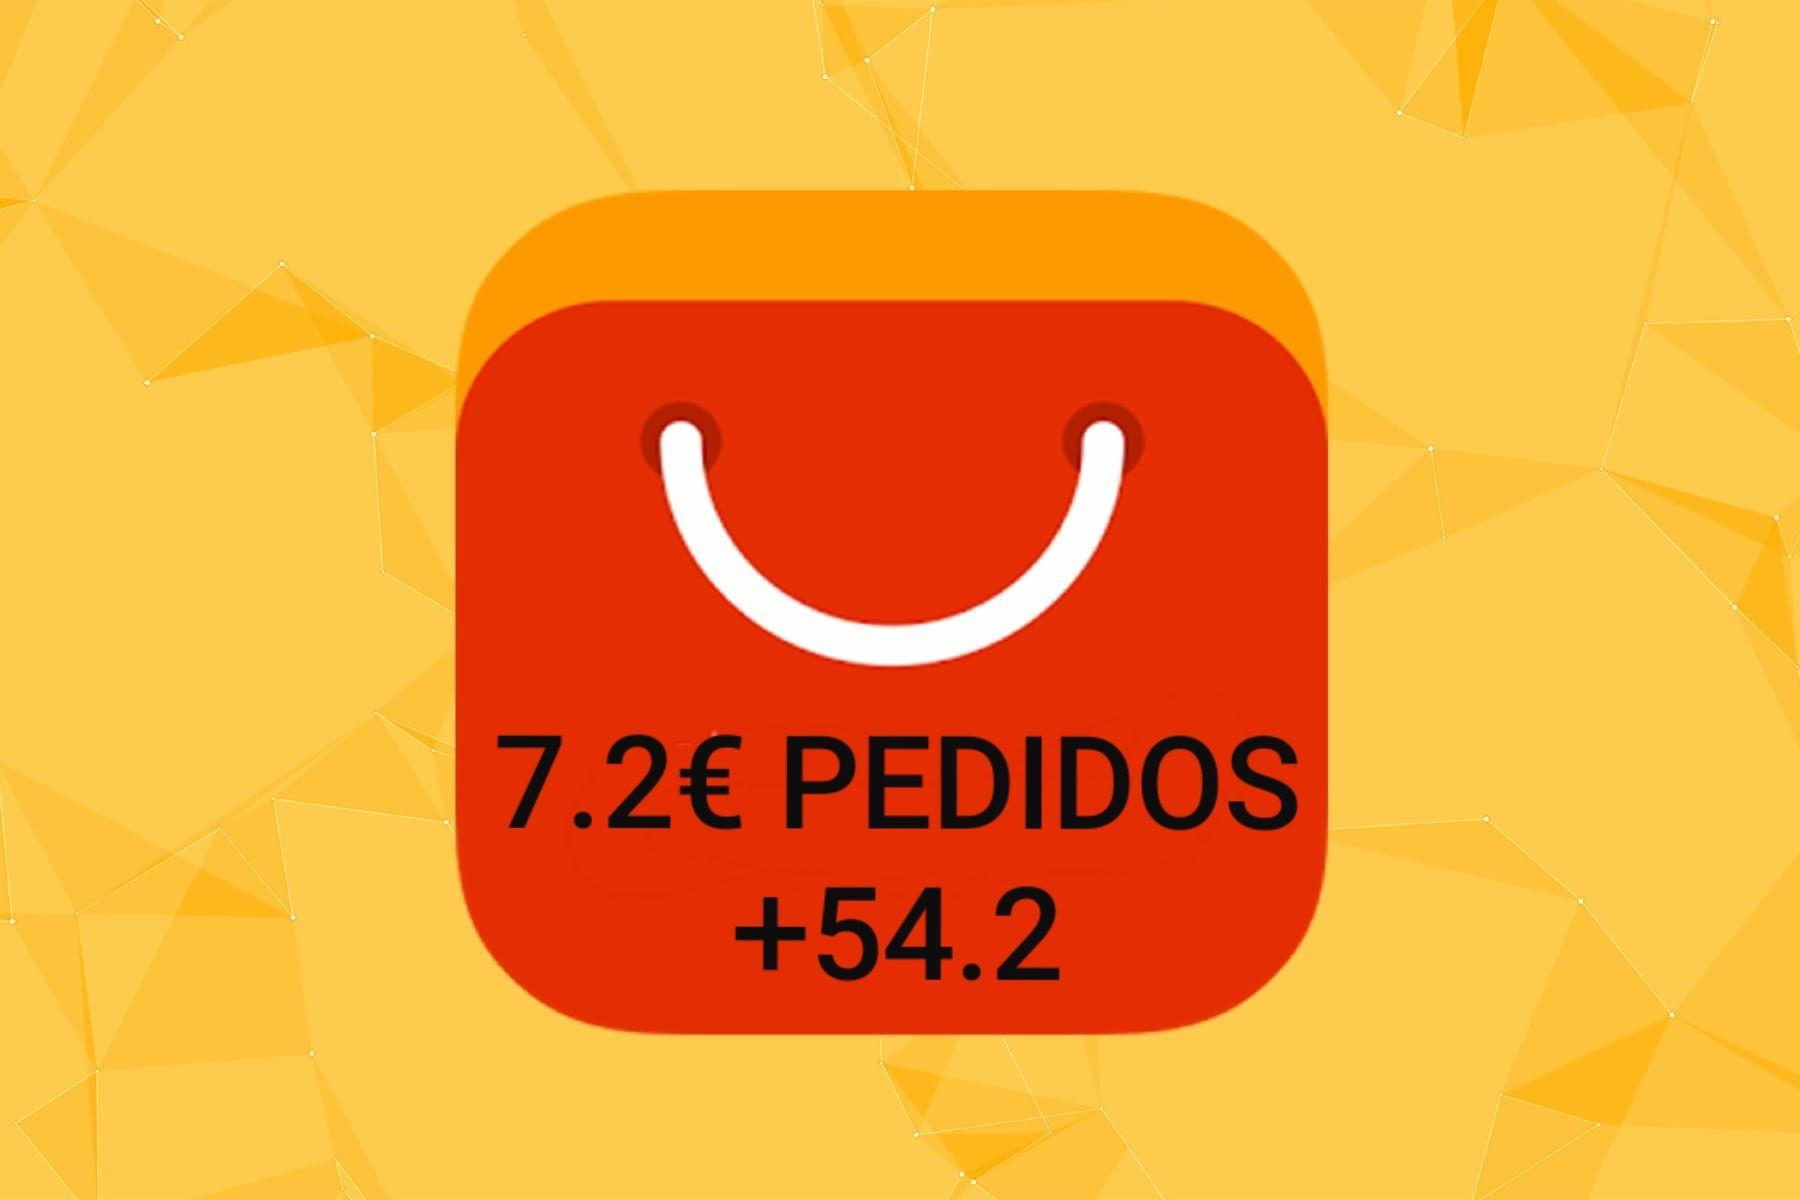 Nuevo cupón 7.2€ en pedidos +54.2€